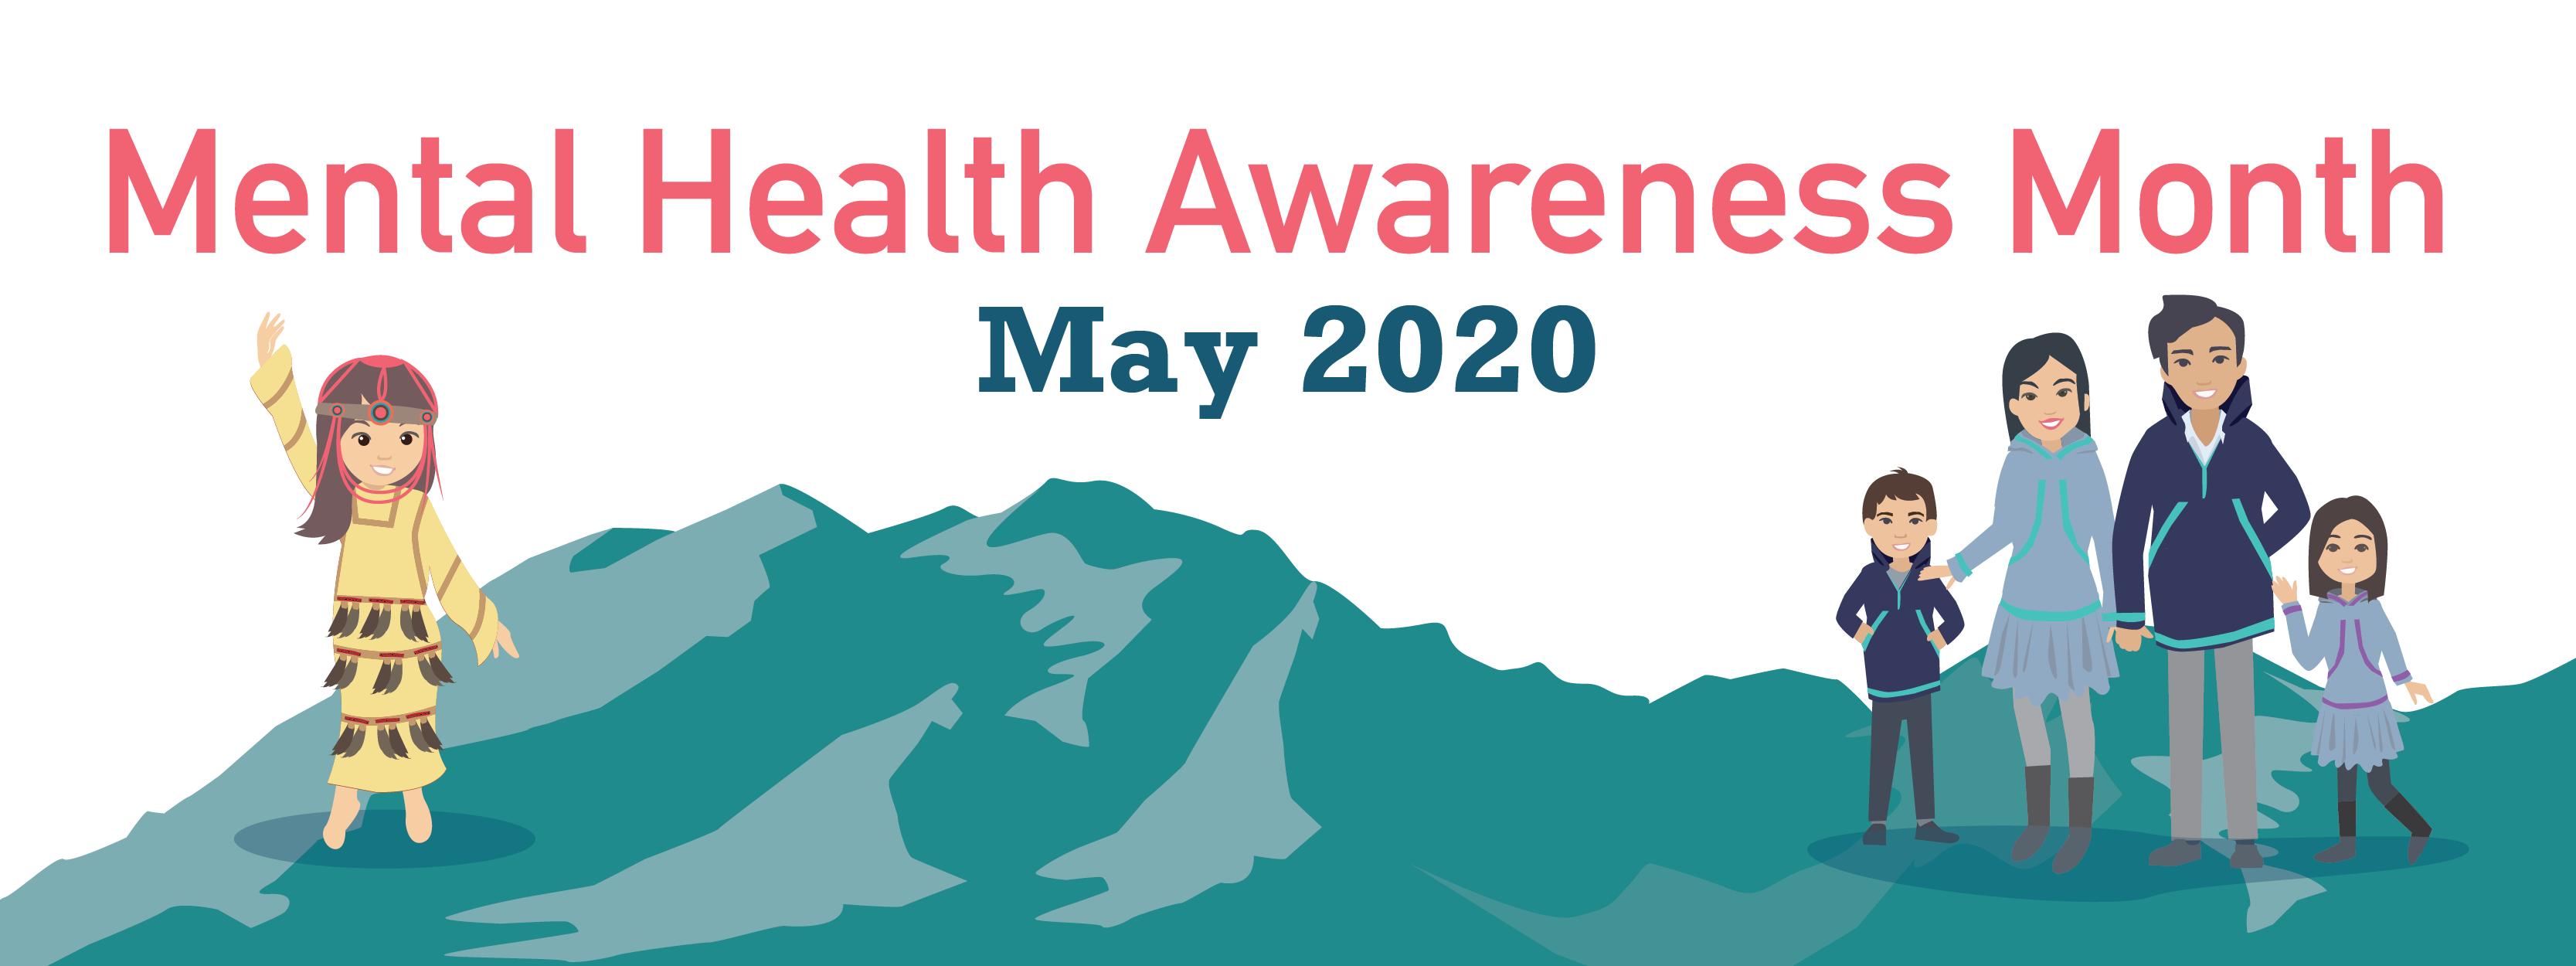 Mental Health Awareness Month May 2020